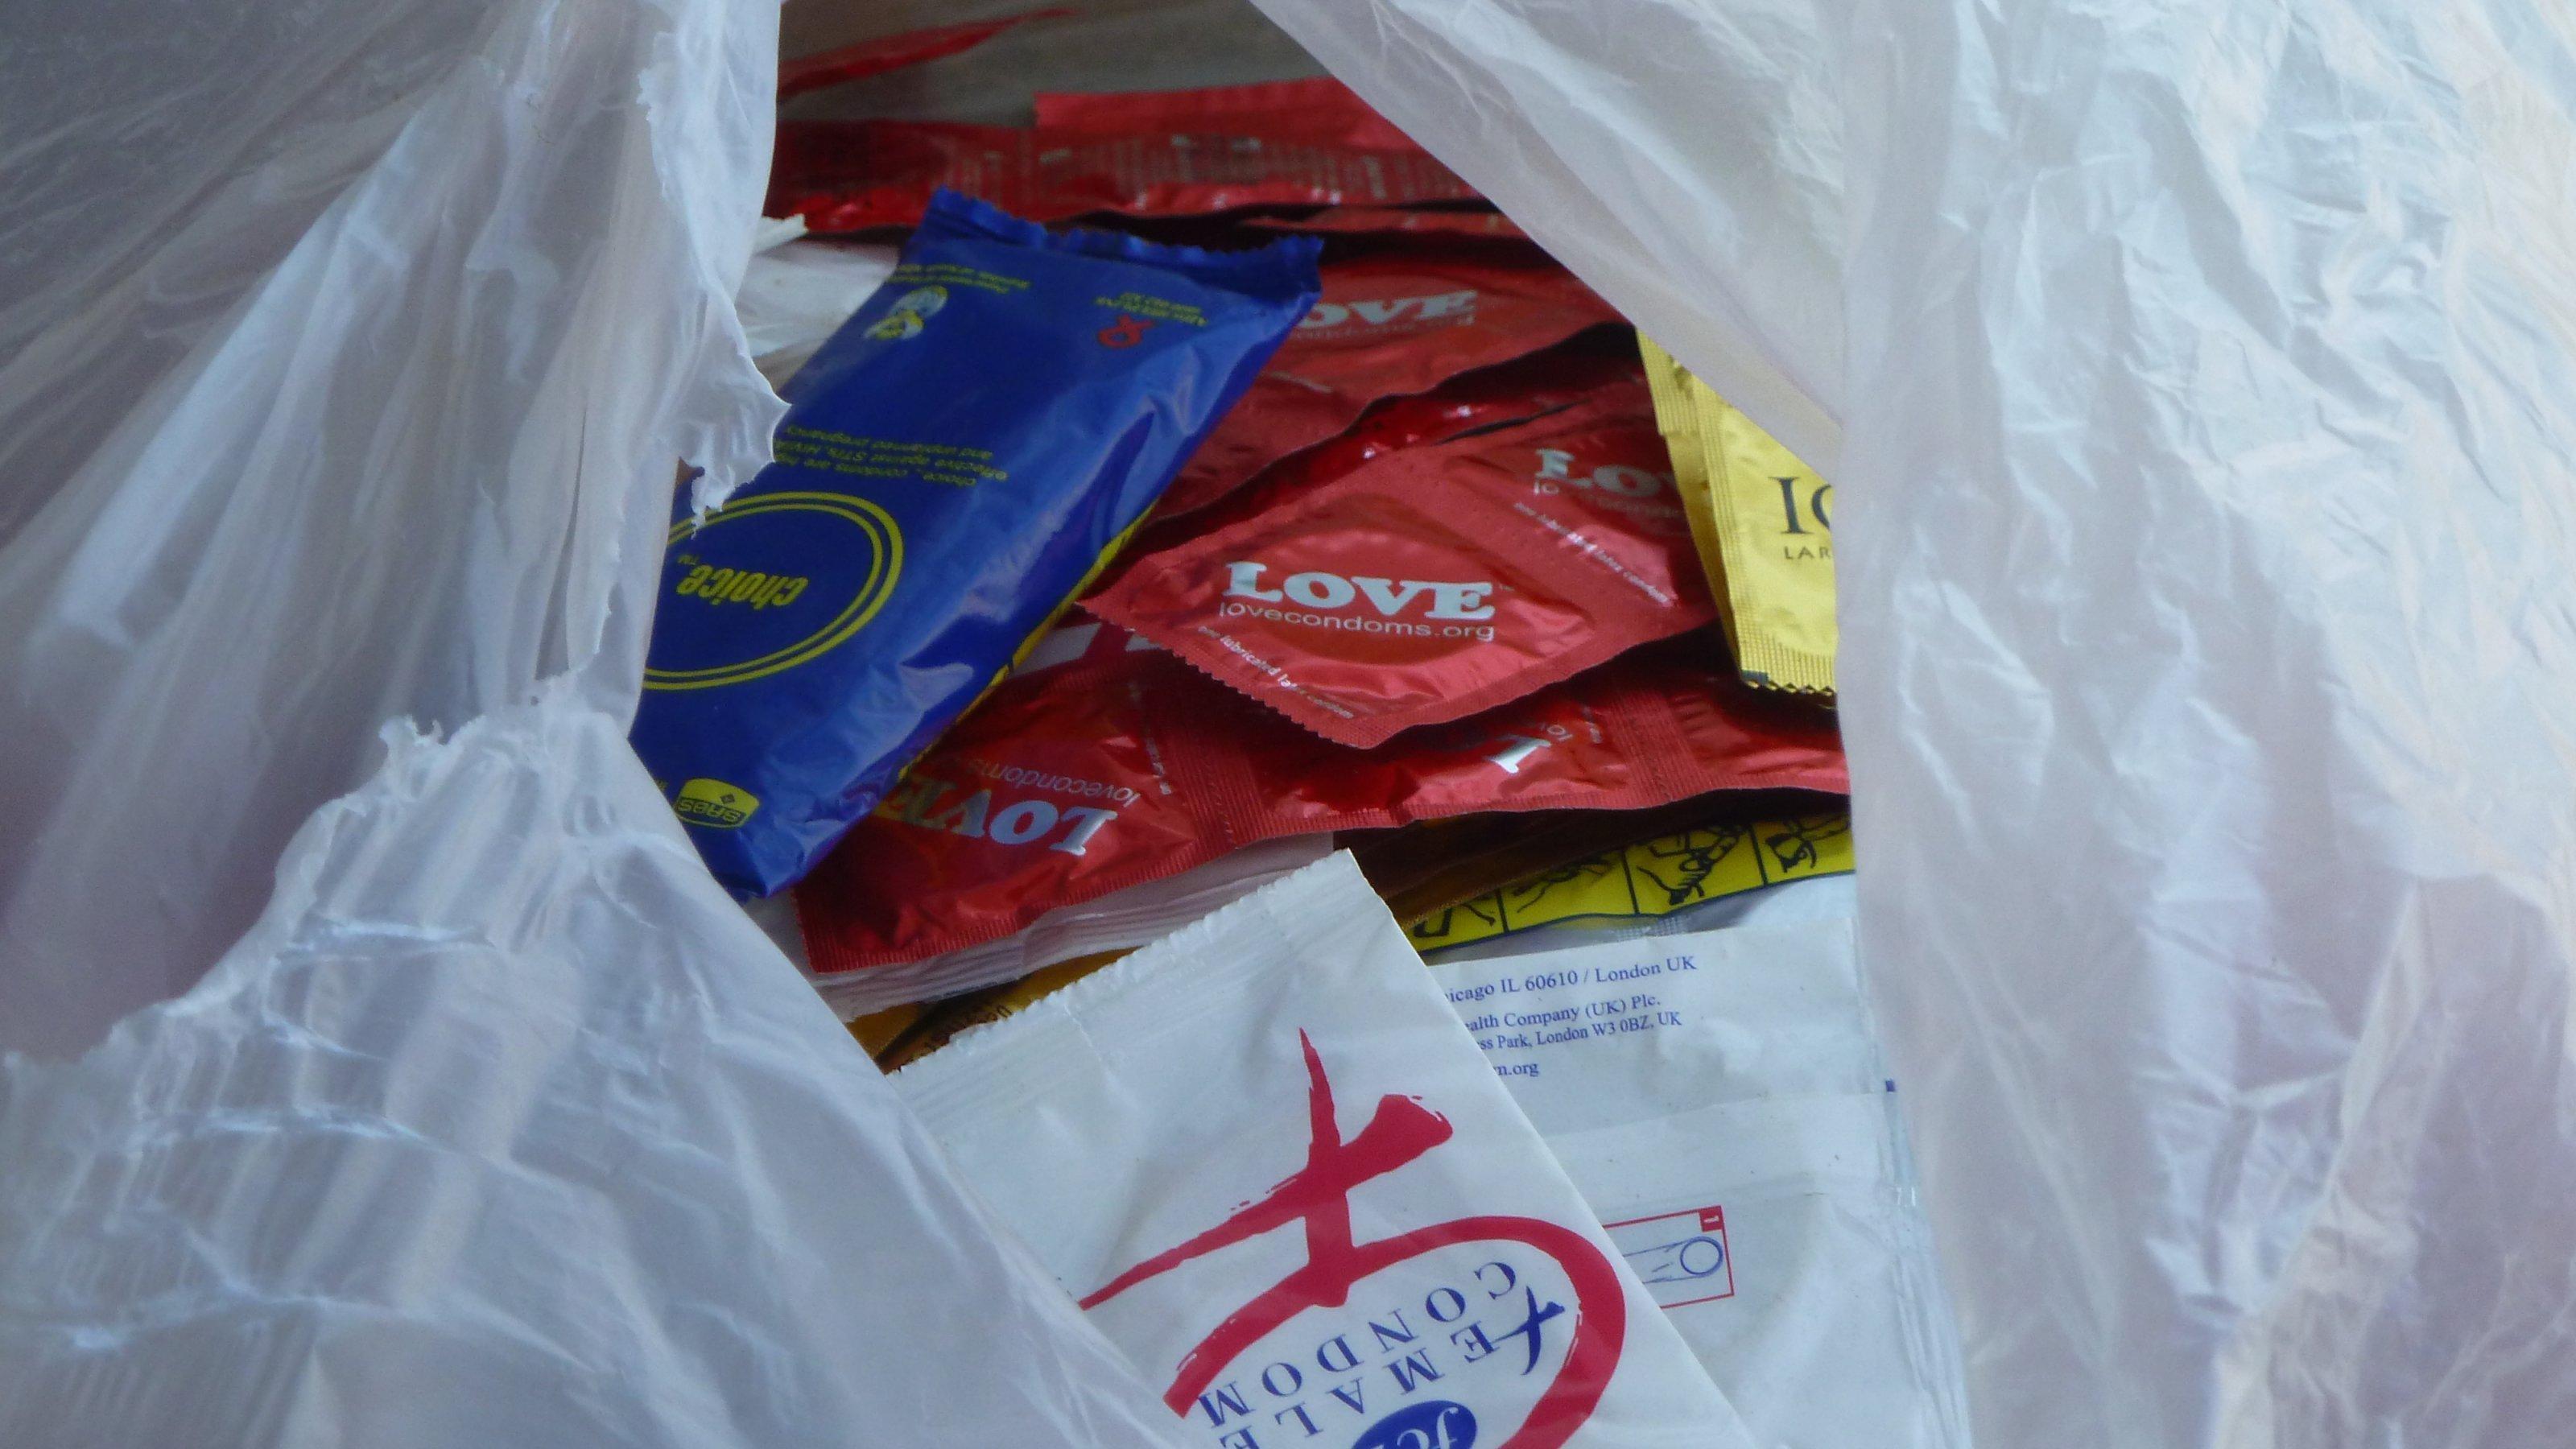 Zu sehen ist eine halb aufgerissene, weiße Tüte, in der Kondome in unterschiedlichen Verpackungen für die Verteilung bereitliegen.